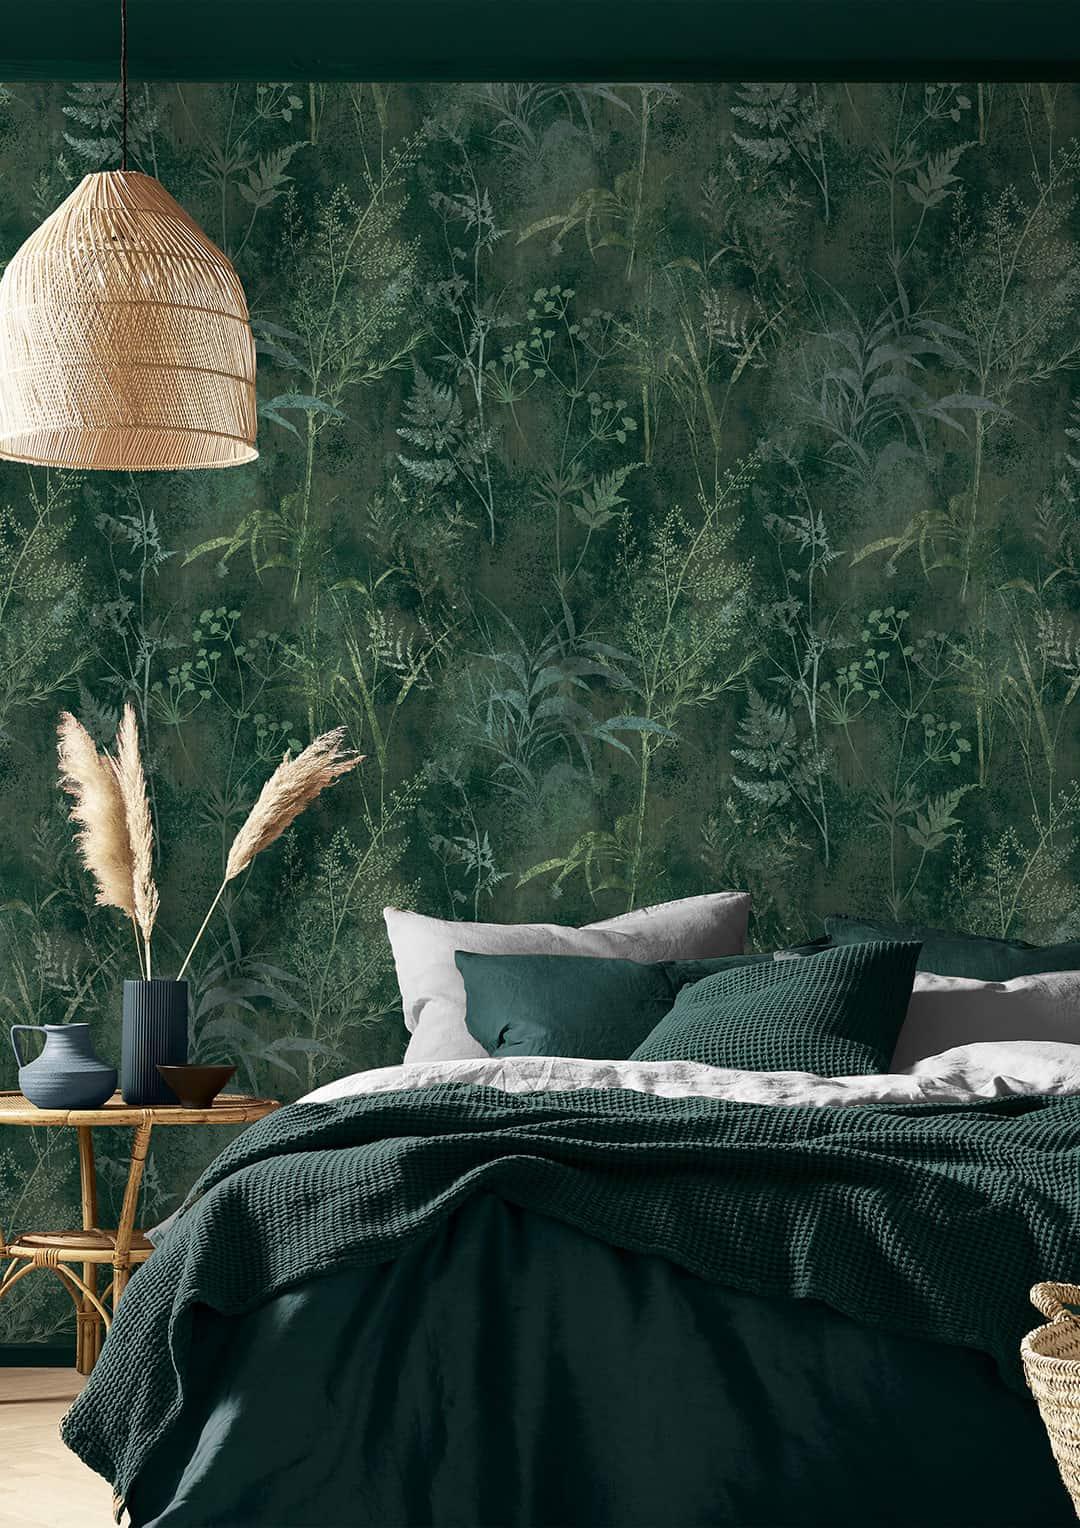 graham & brown behang en kleur van het jaar 2022